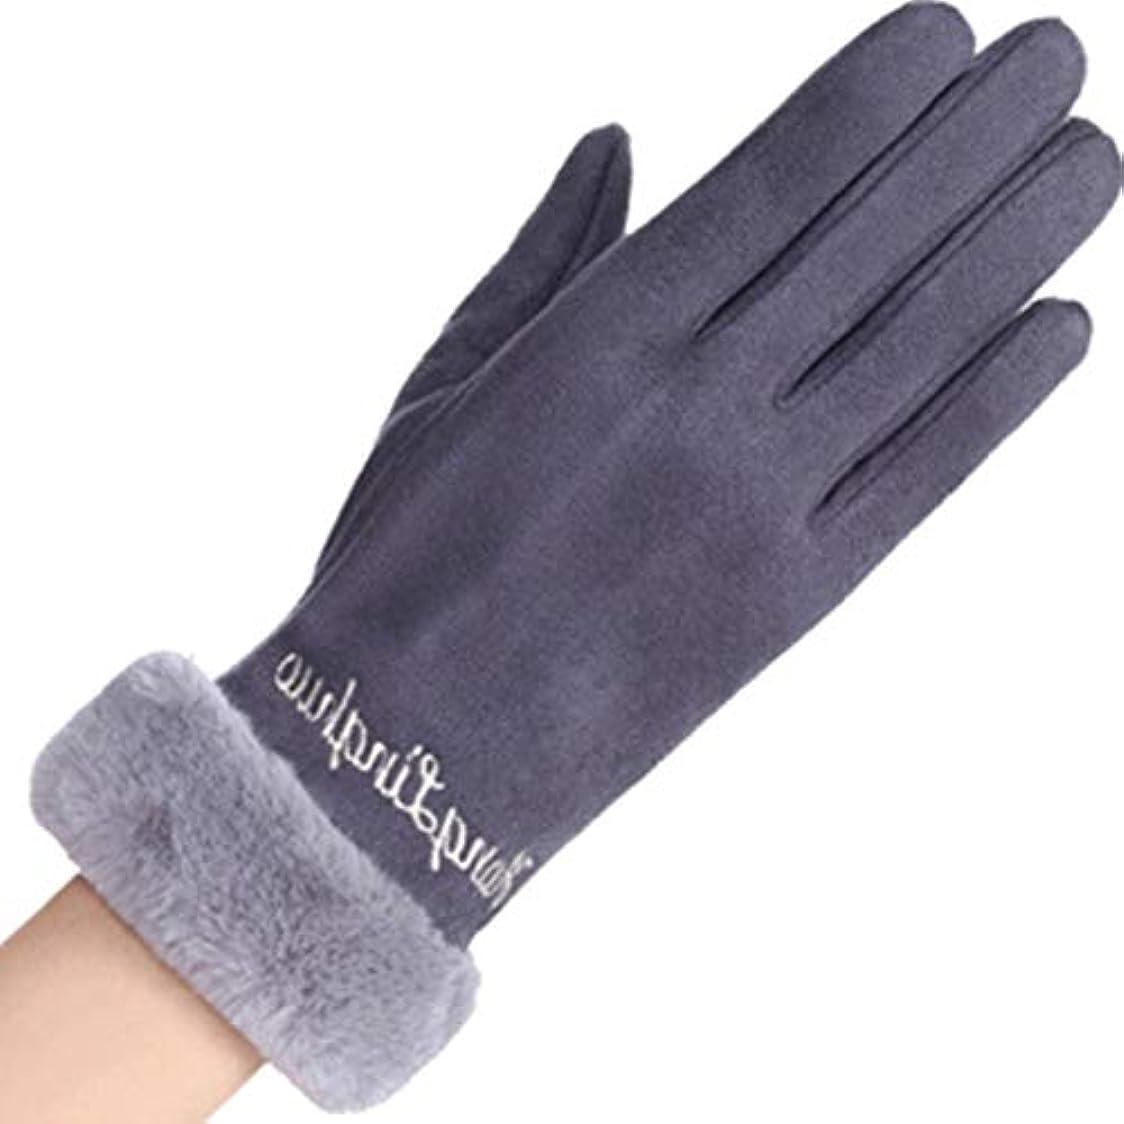 クライストチャーチ気球投資する手袋の女性の暖かいタッチスクリーンの携帯電話春と秋の冬の防風レターレディースウール手袋黒灰色の粉 (色 : Gray)